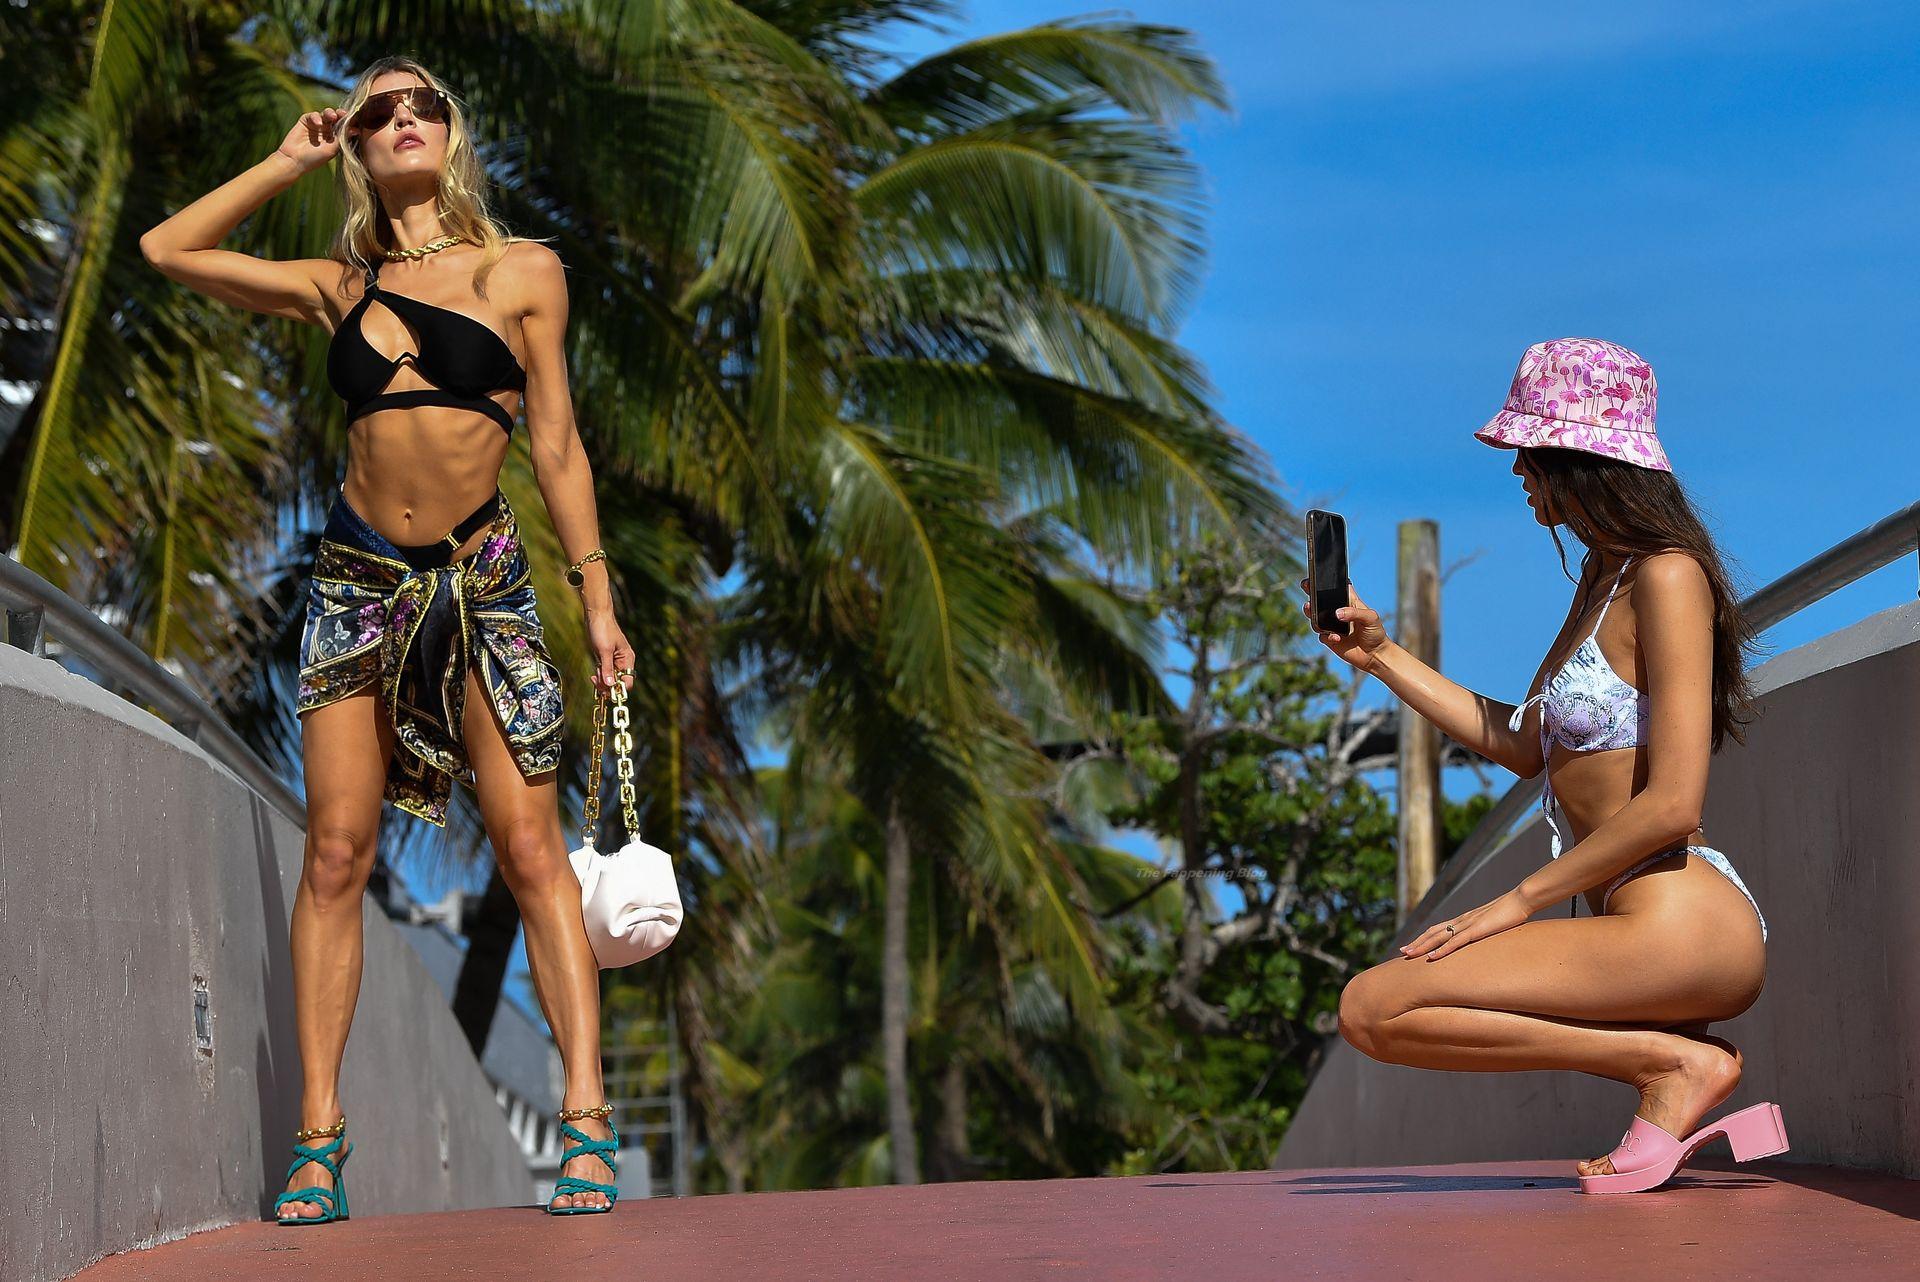 Joy-Corrigan-Sexy-78-thefappeningblog.com_.jpg